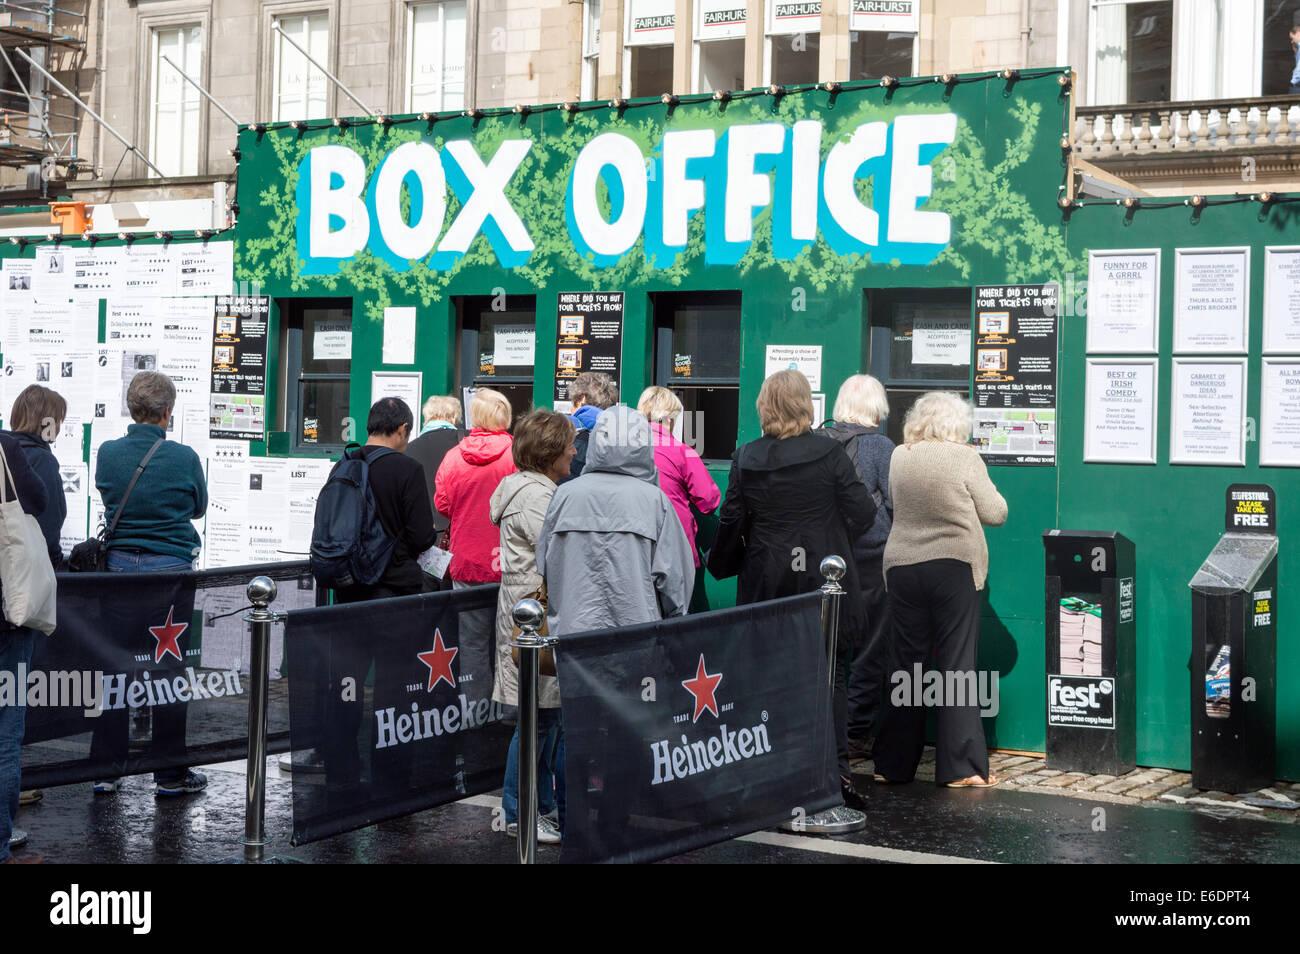 Edinburgh fringe festival box office Stock Edinburgh Fringe Festival Box Office Outside The Assembly Rooms On George Street Edinburgh Alamy Edinburgh Fringe Festival Box Office Outside The Assembly Rooms On